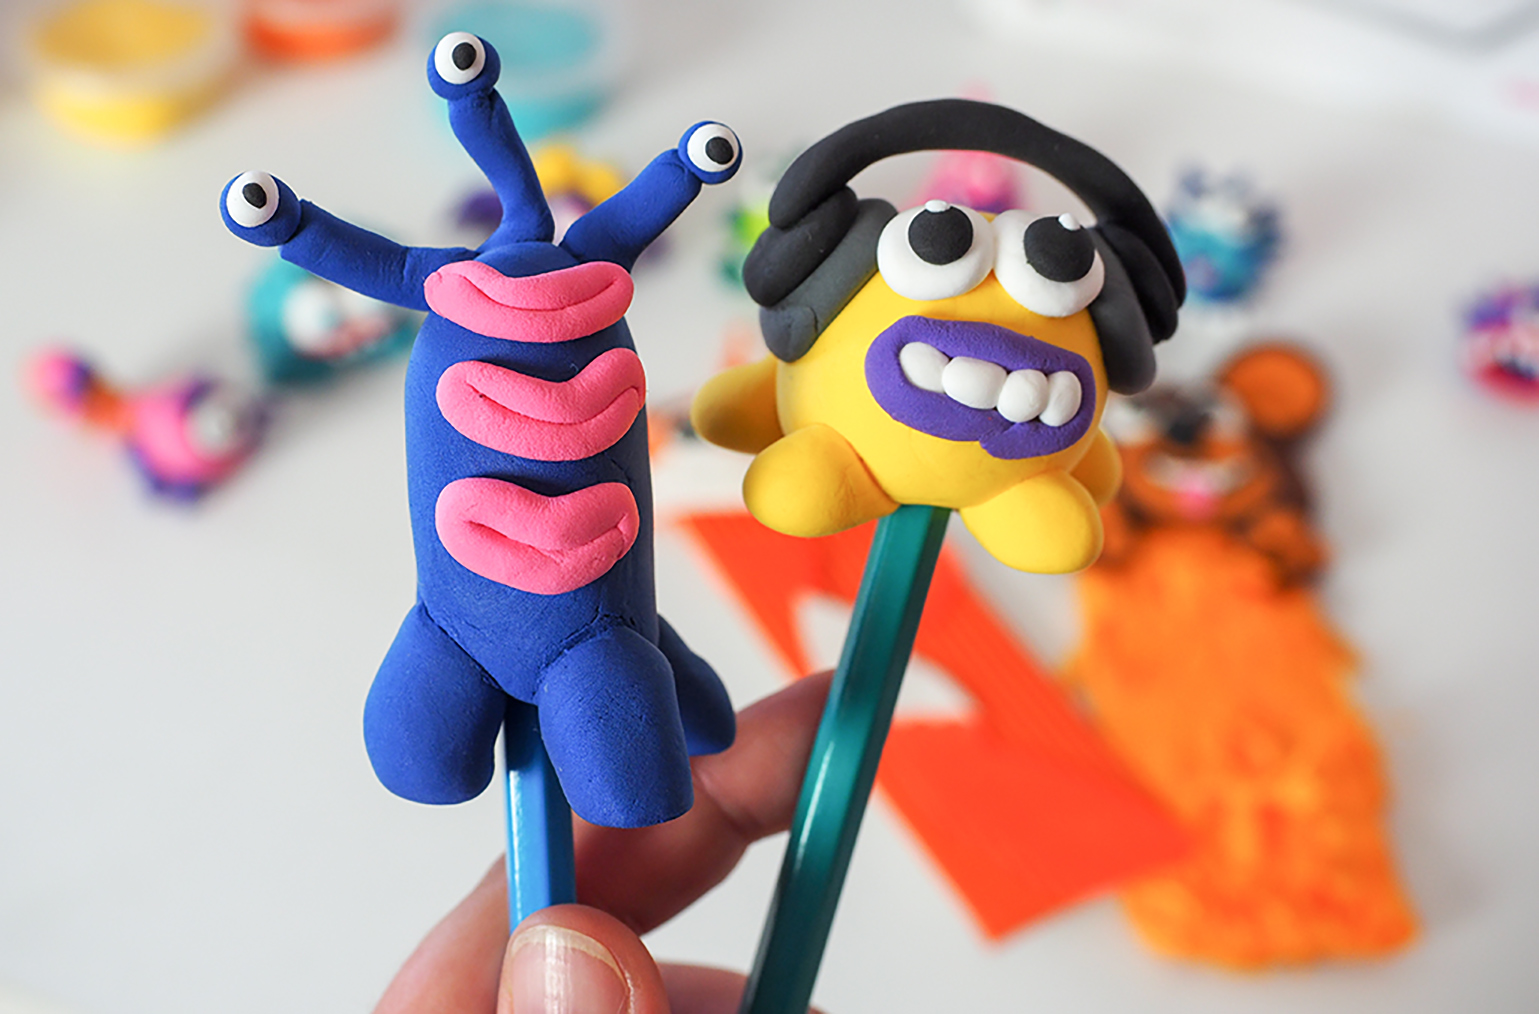 stworki z plasteliny, zabawne figurki z plasteliny jako nakładki na kredki i ołówki wykonane z masy hey clay.